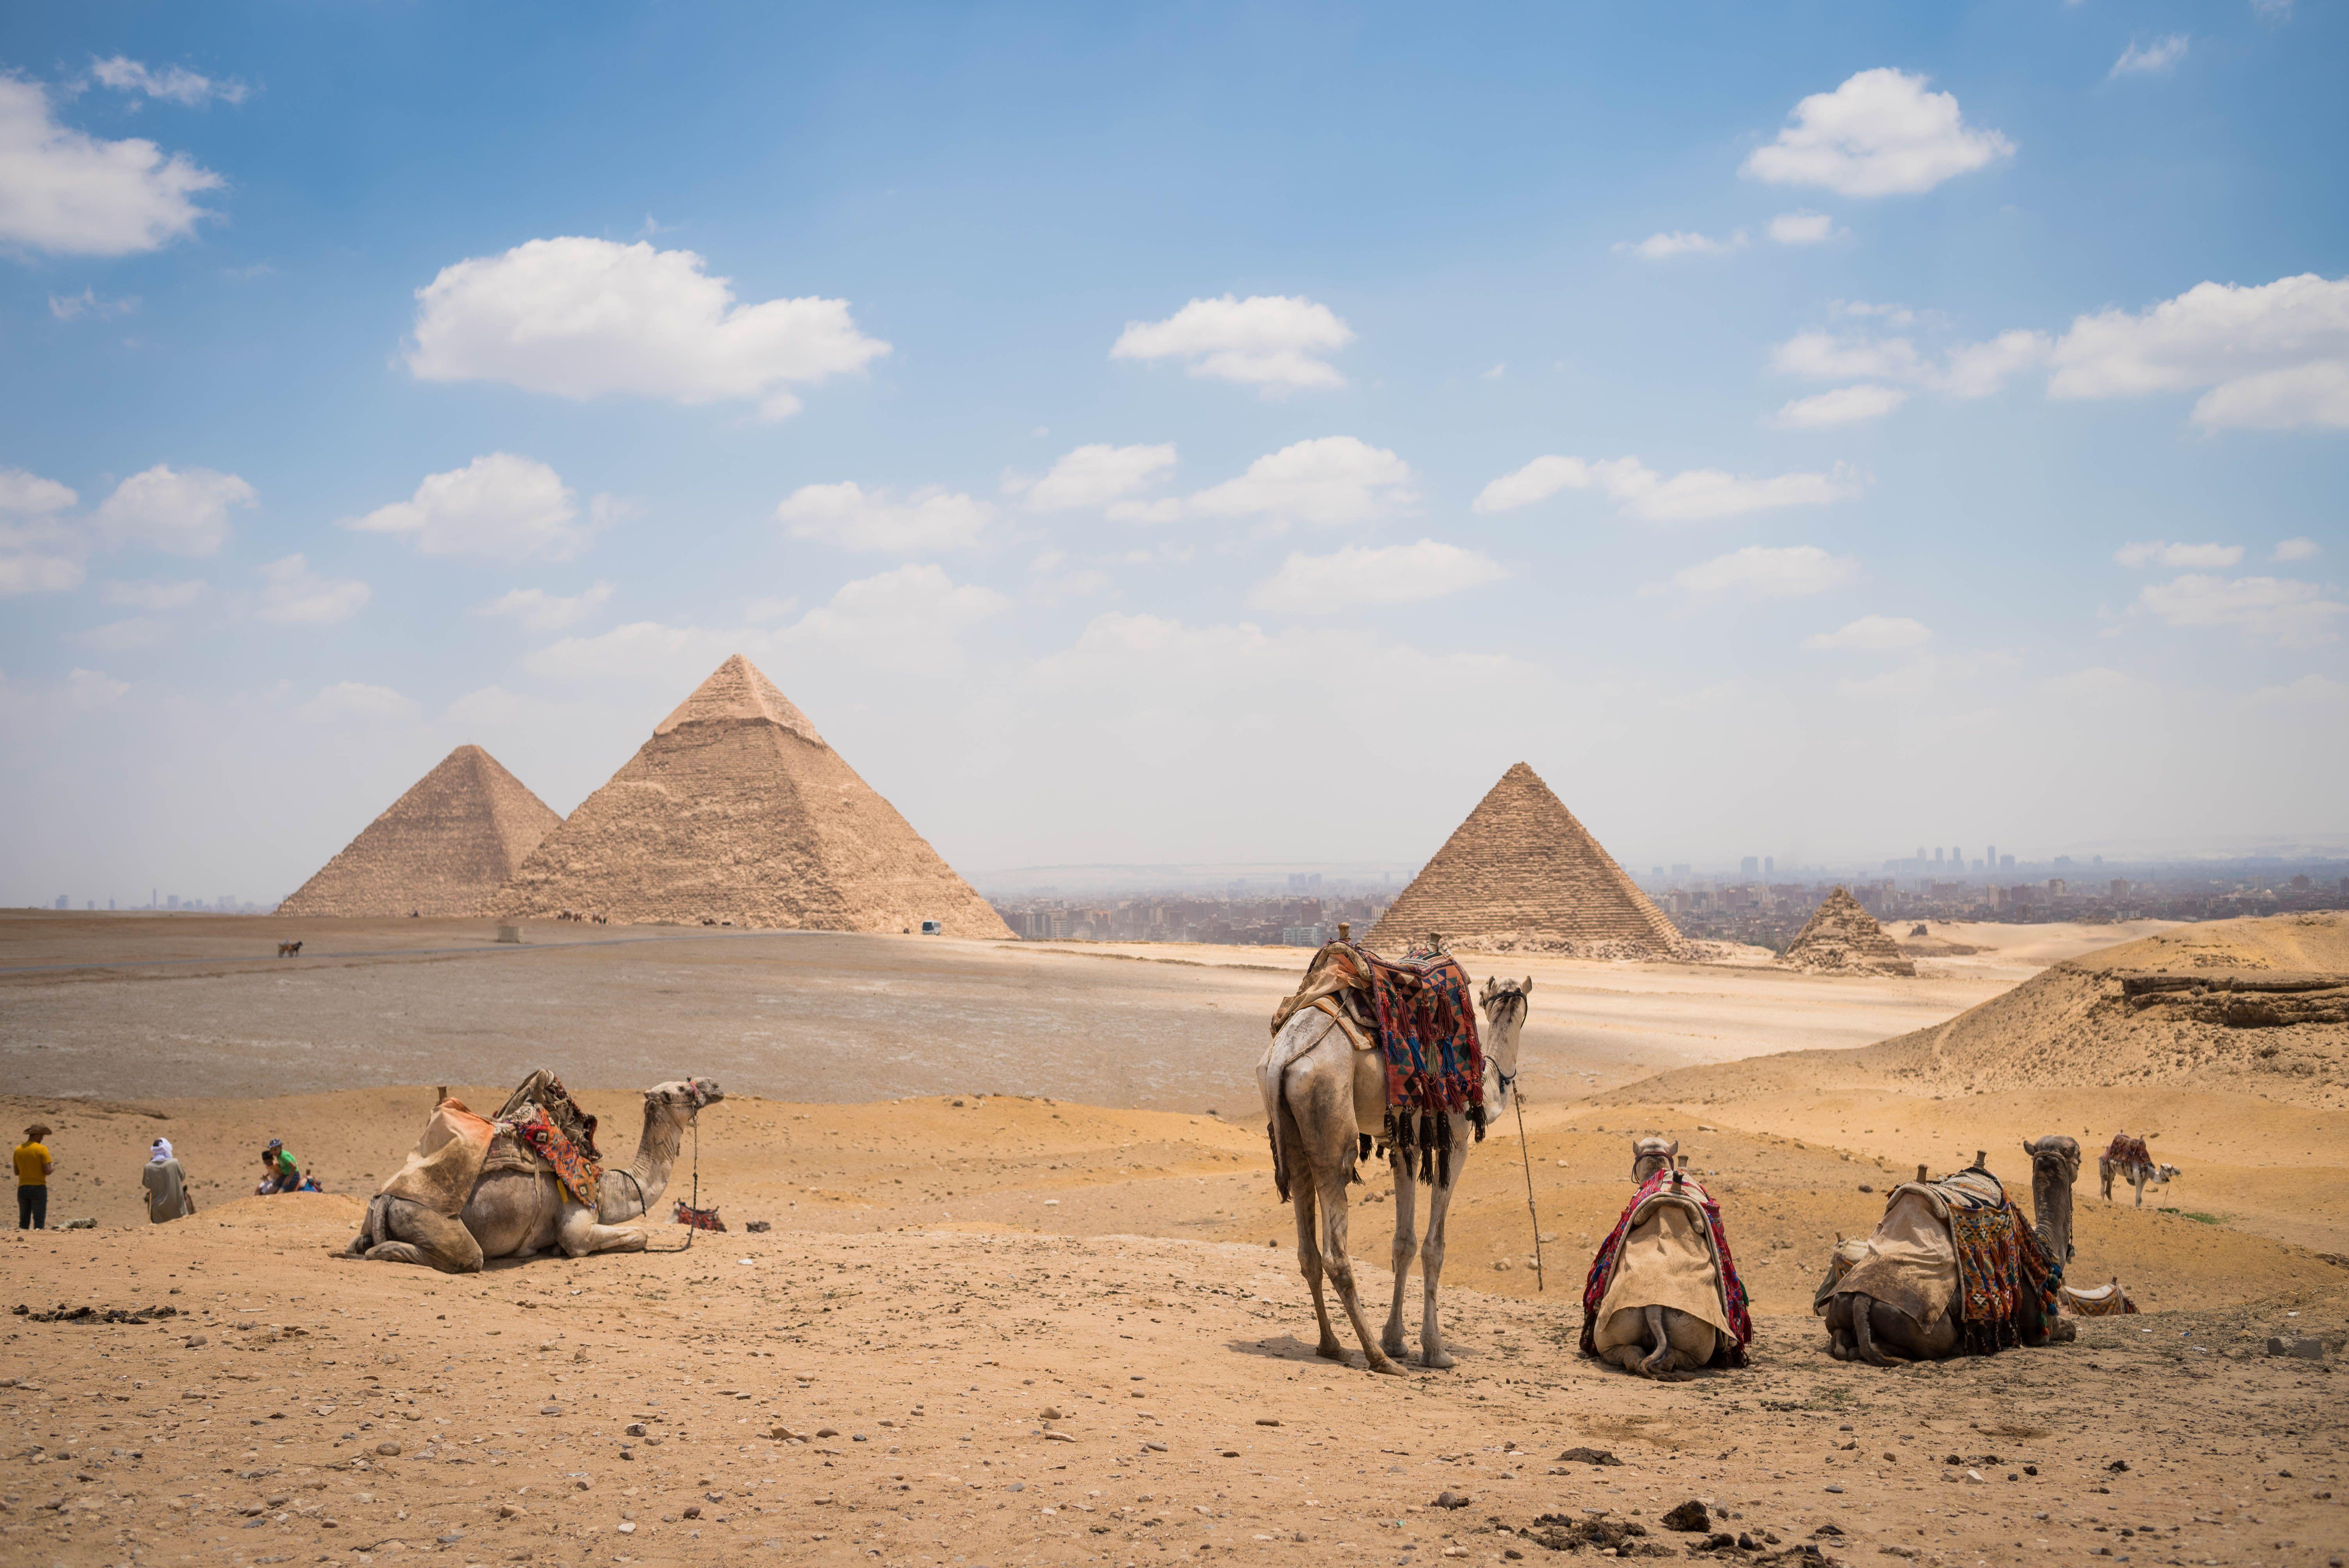 http://www.shepherdtravelegypt.com/wp-content/uploads/Egypt_2016_0050102162.jpg